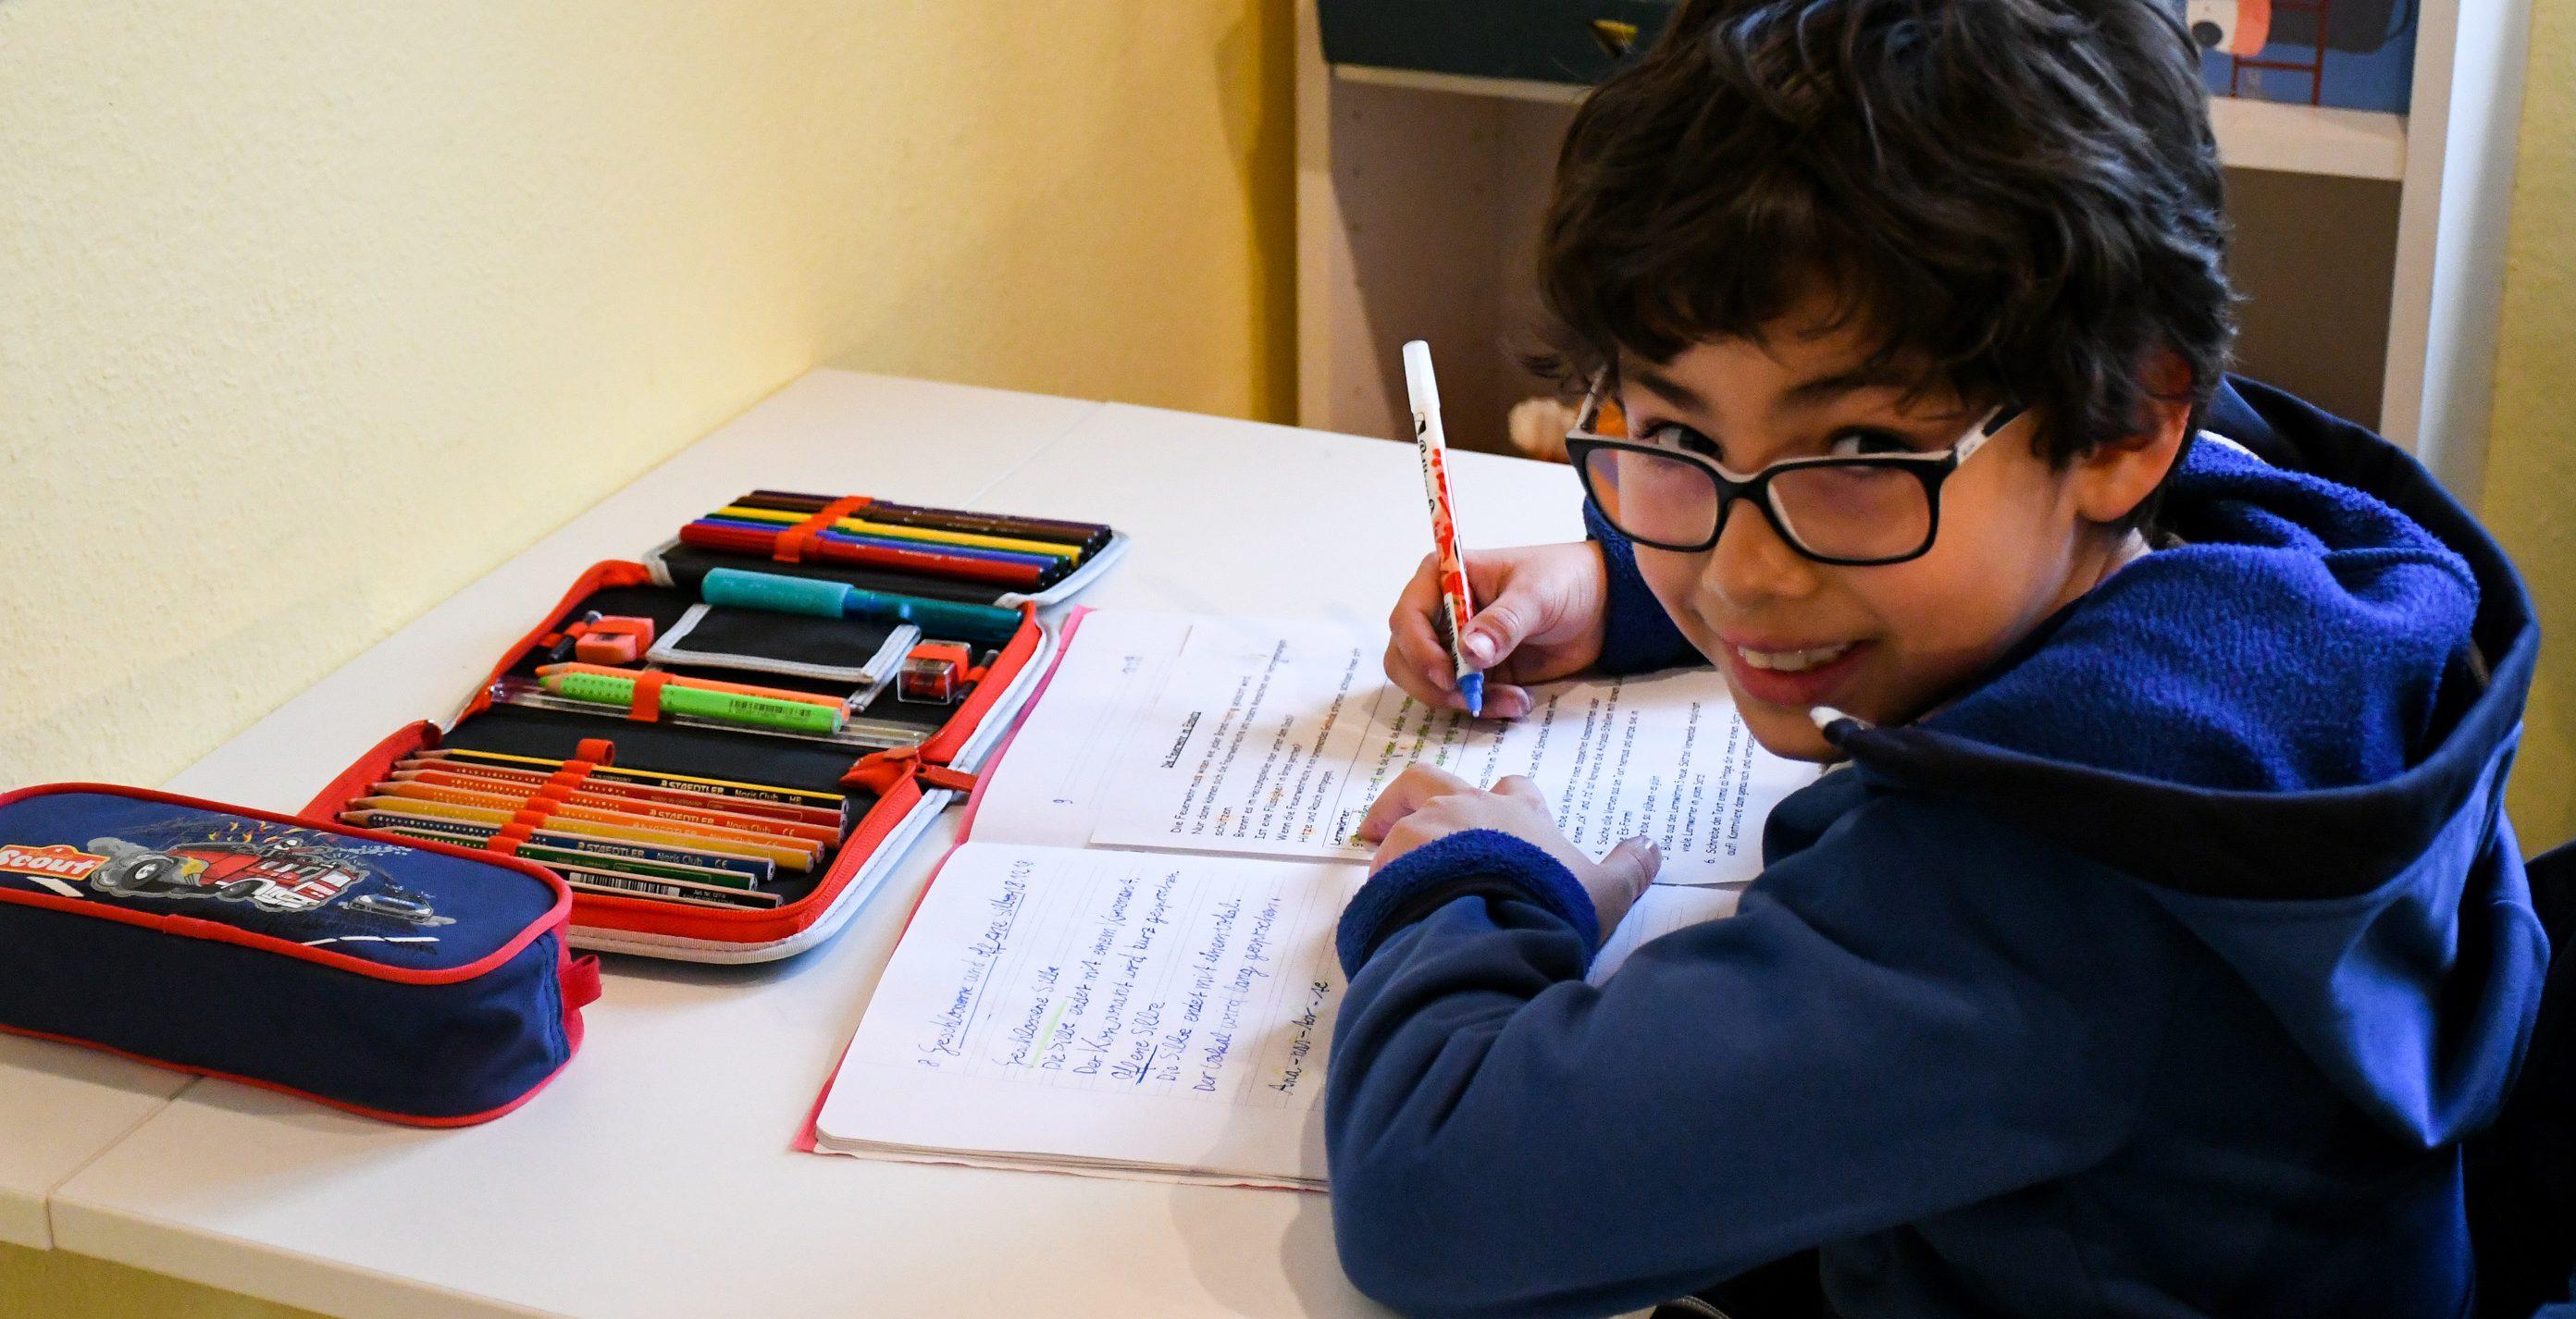 Beratung zu Schule und Kindergarten im FamlienZentrum Laim